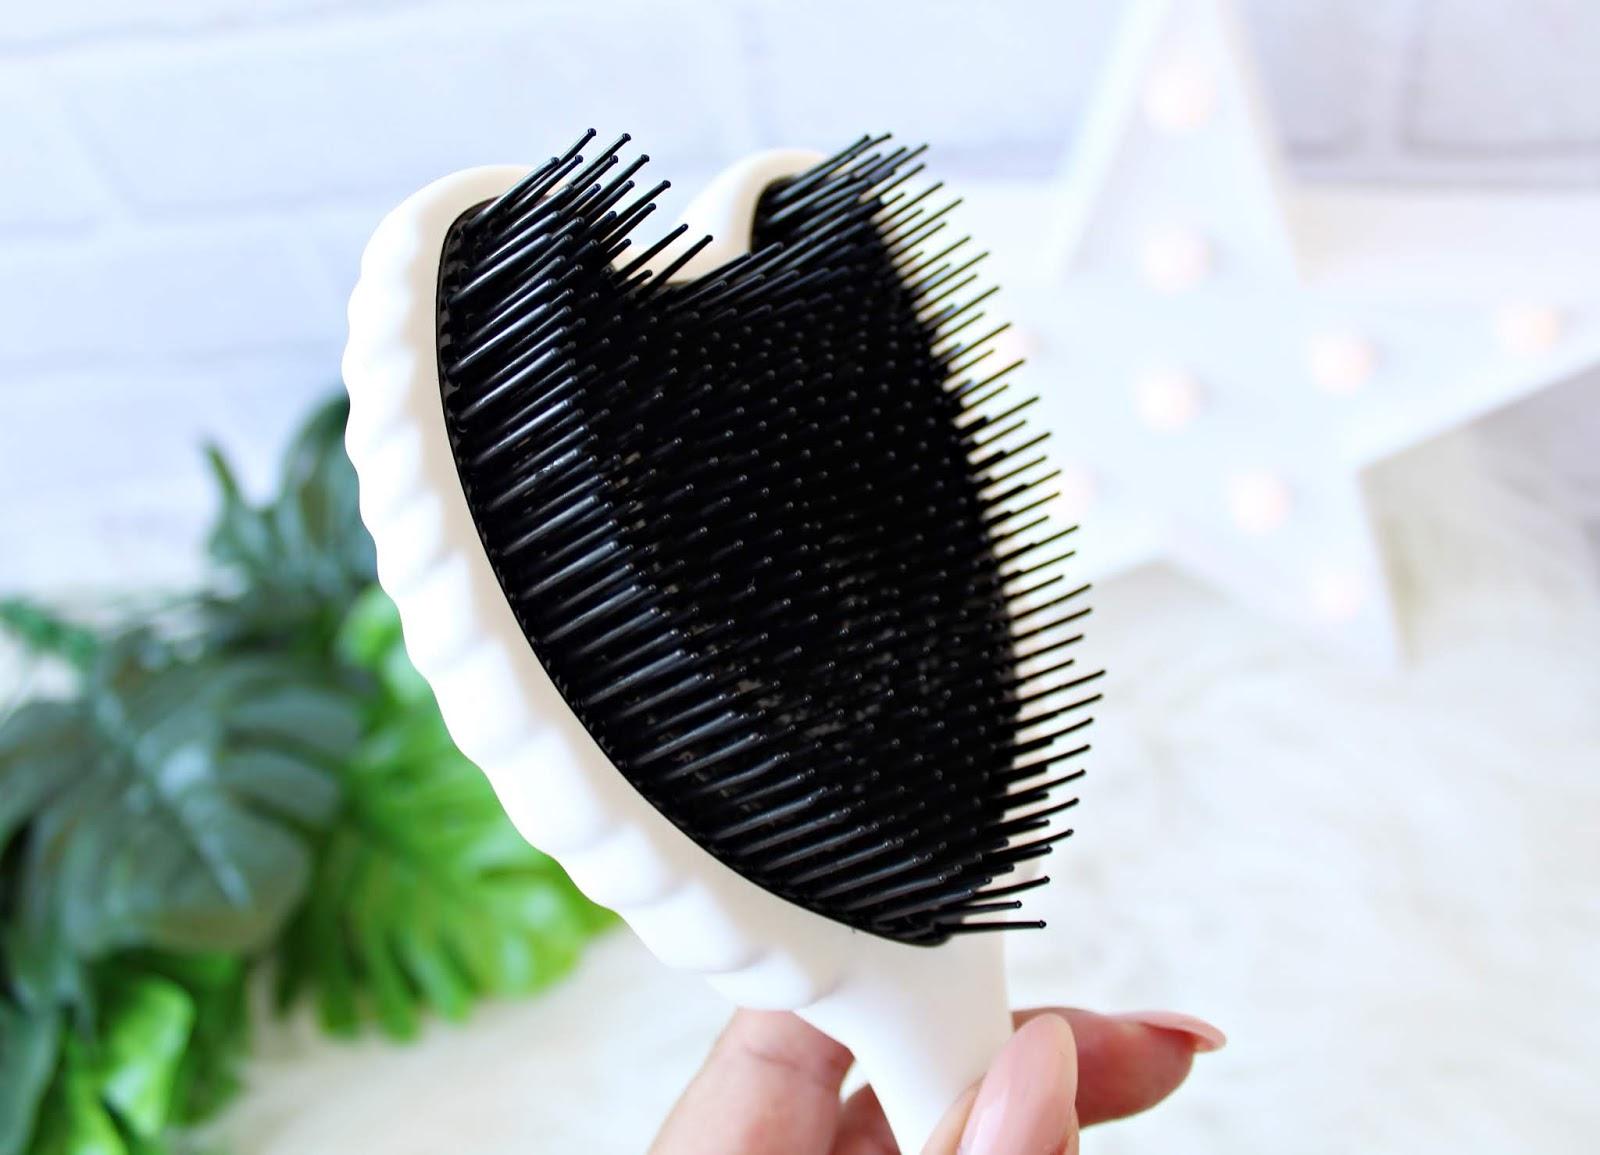 Anielskie rozwiązanie dla pięknych włosów - TANGLE ANGEL